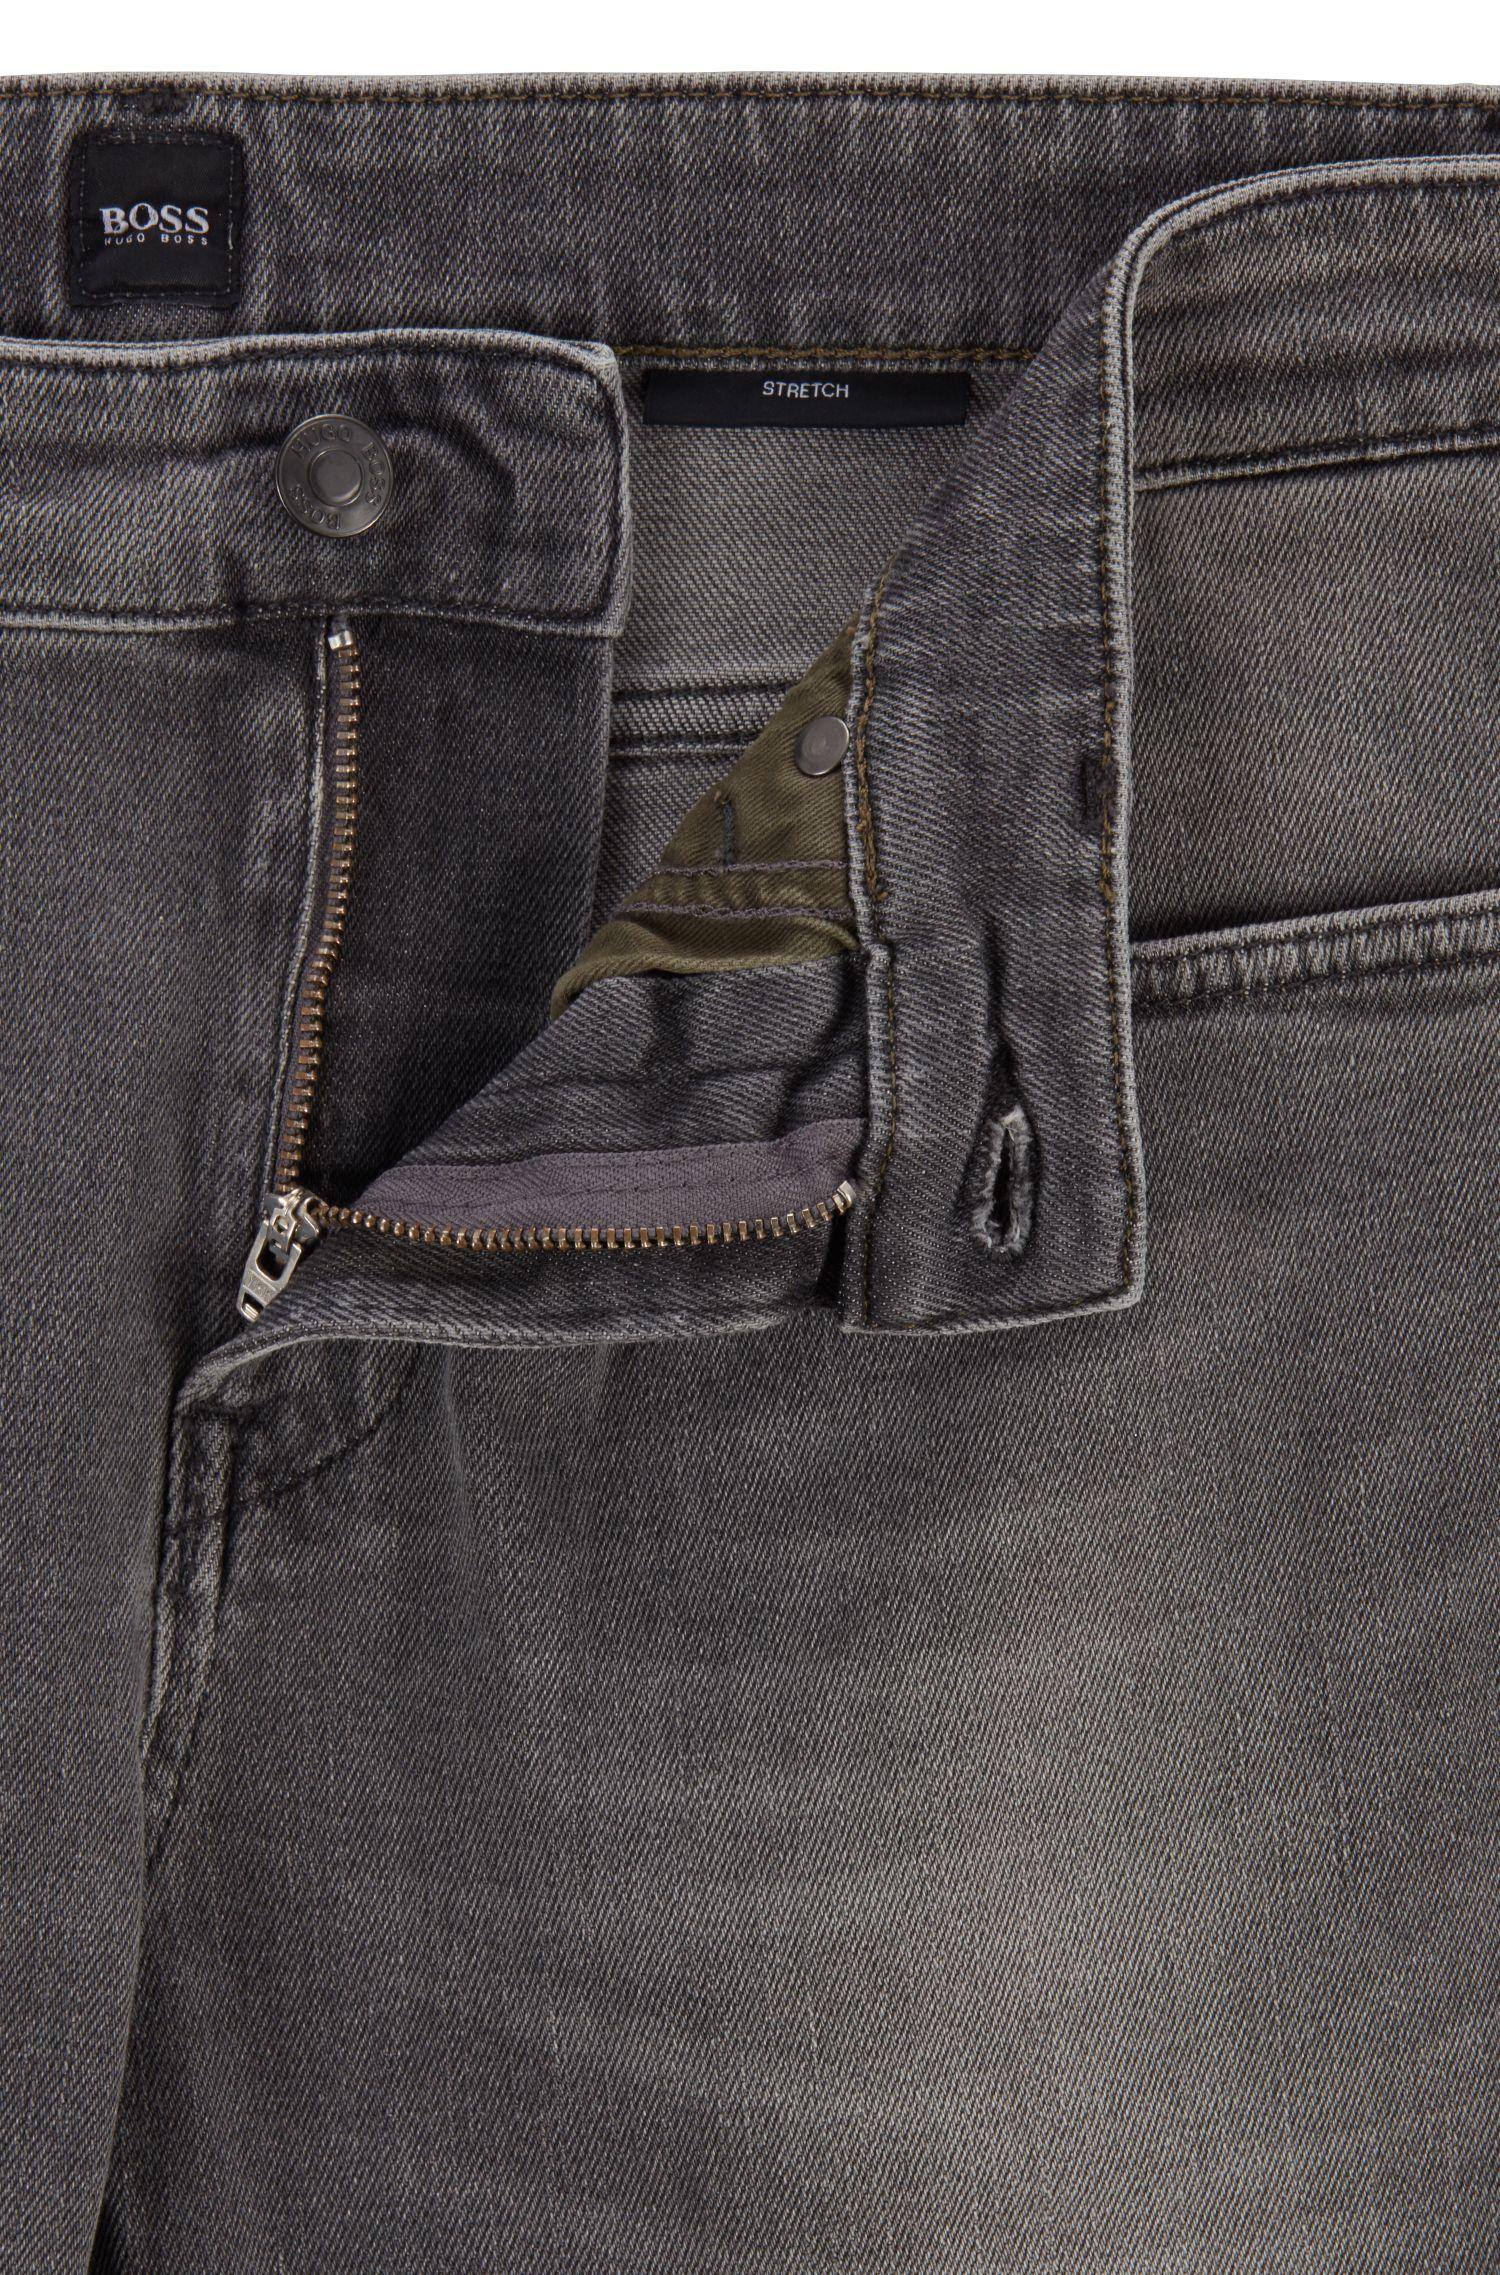 Slim-fit jeans in mid-washed grey stretch denim, Grey